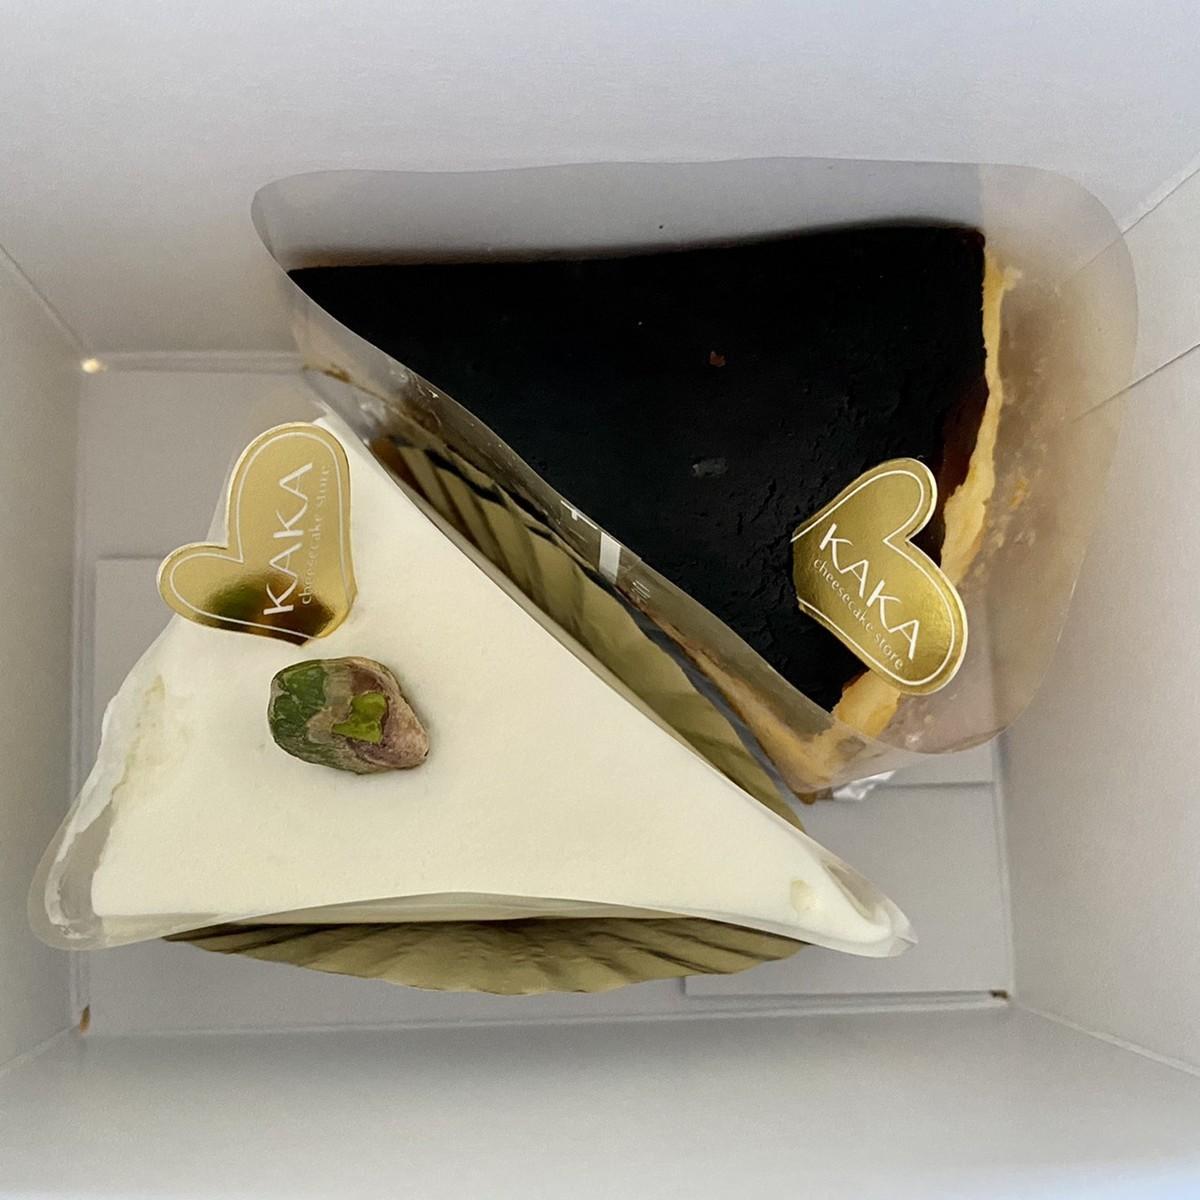 レアチーズケーキ バスクチーズケーキ